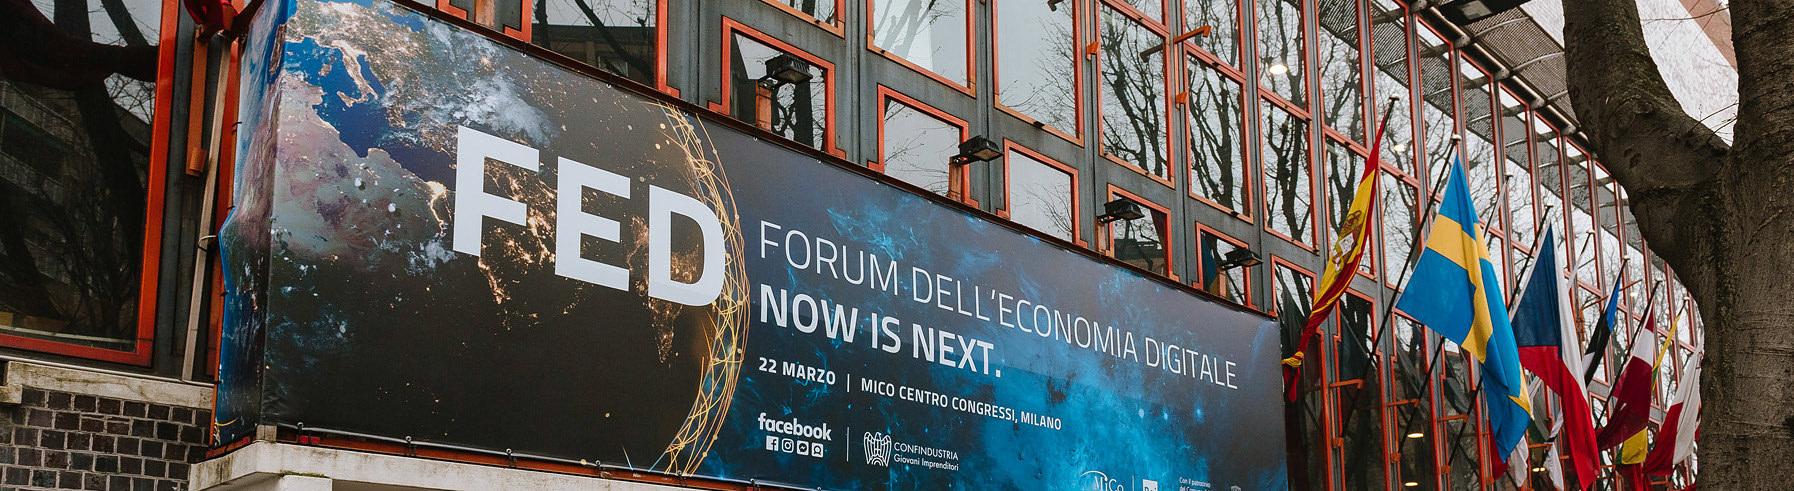 fed-forum-delleconomia-digitale-gruppo-peroni-eventi-01